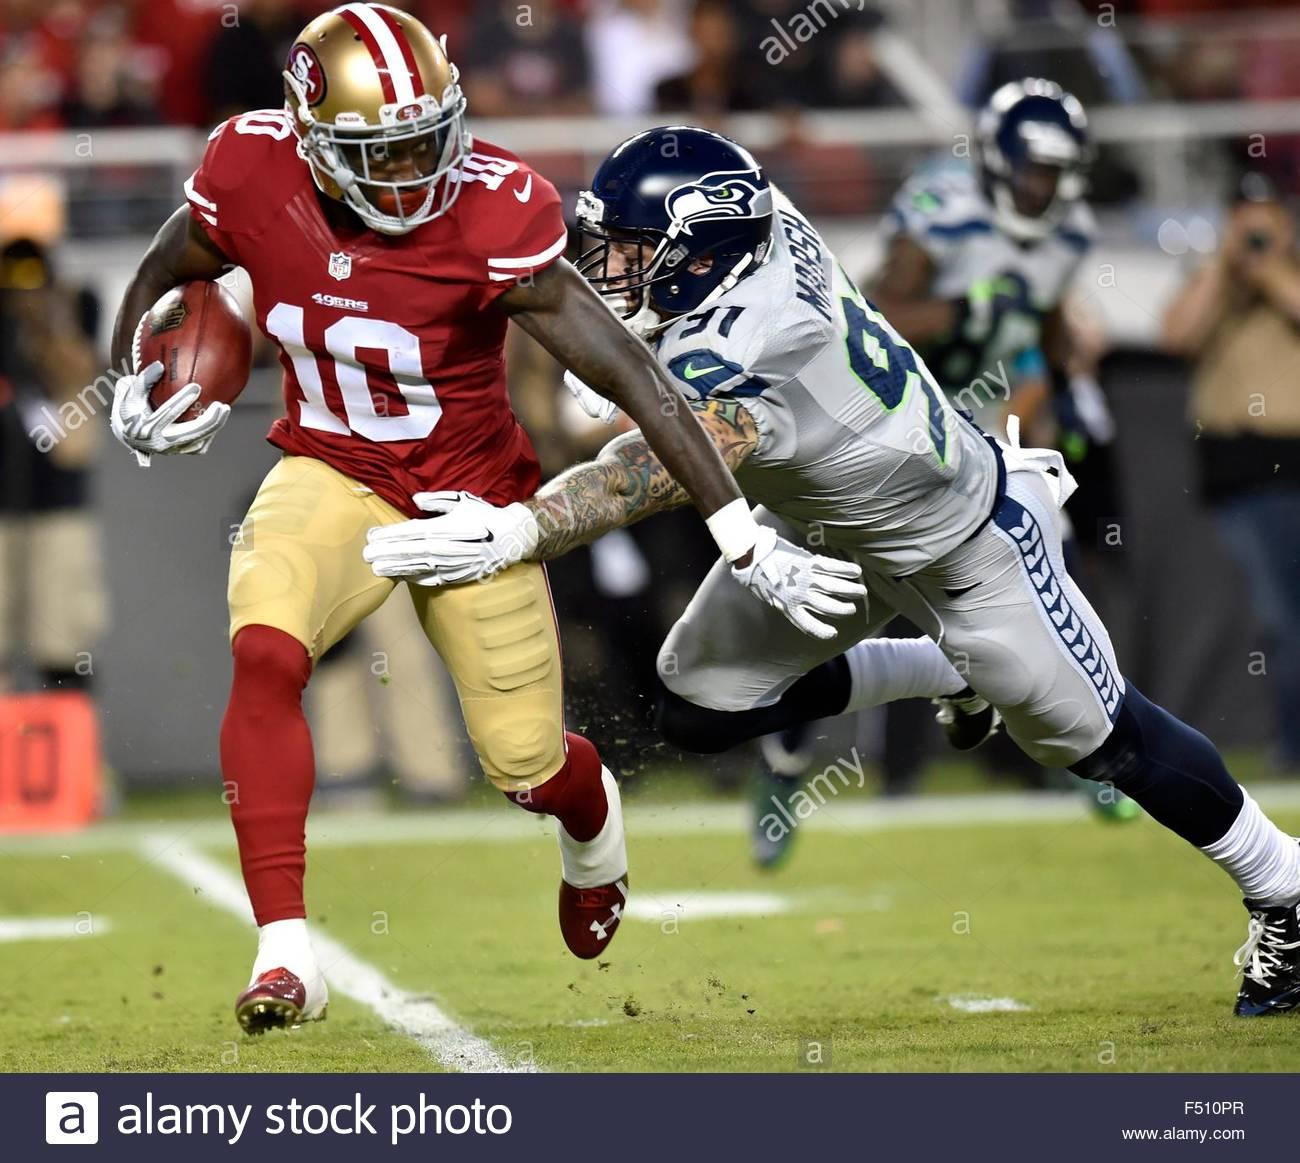 NFL Jerseys Outlet - Returner Stock Photos & Returner Stock Images - Alamy